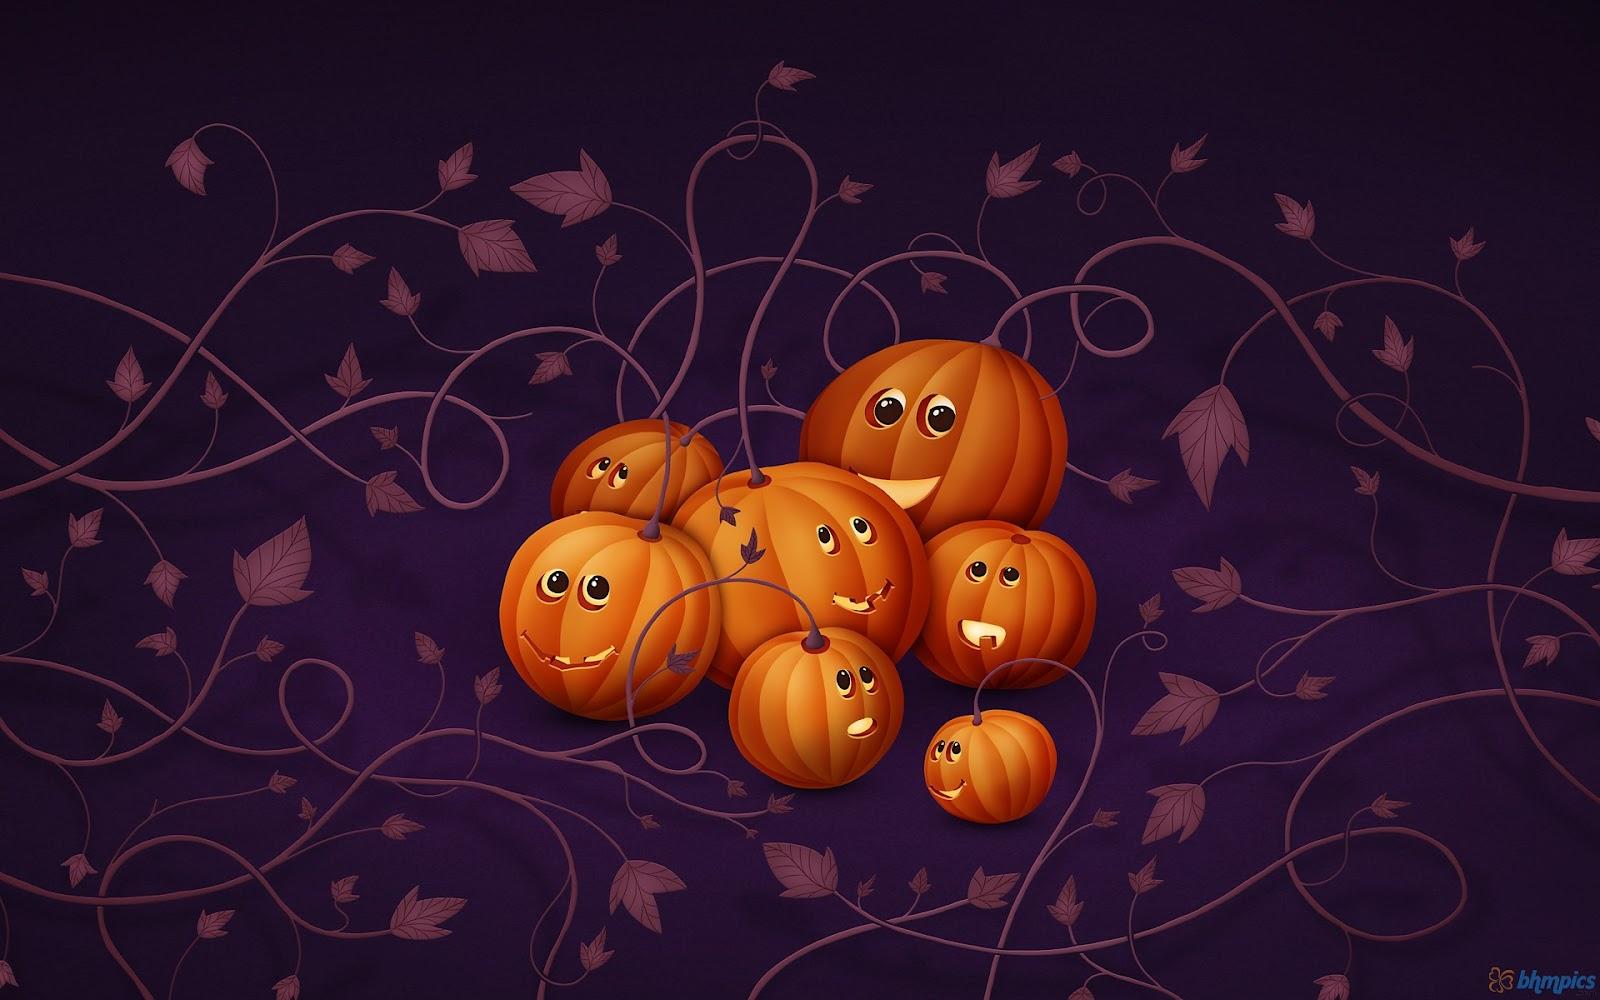 47+ Pumpkin Wallpaper and Screensavers on WallpaperSafari